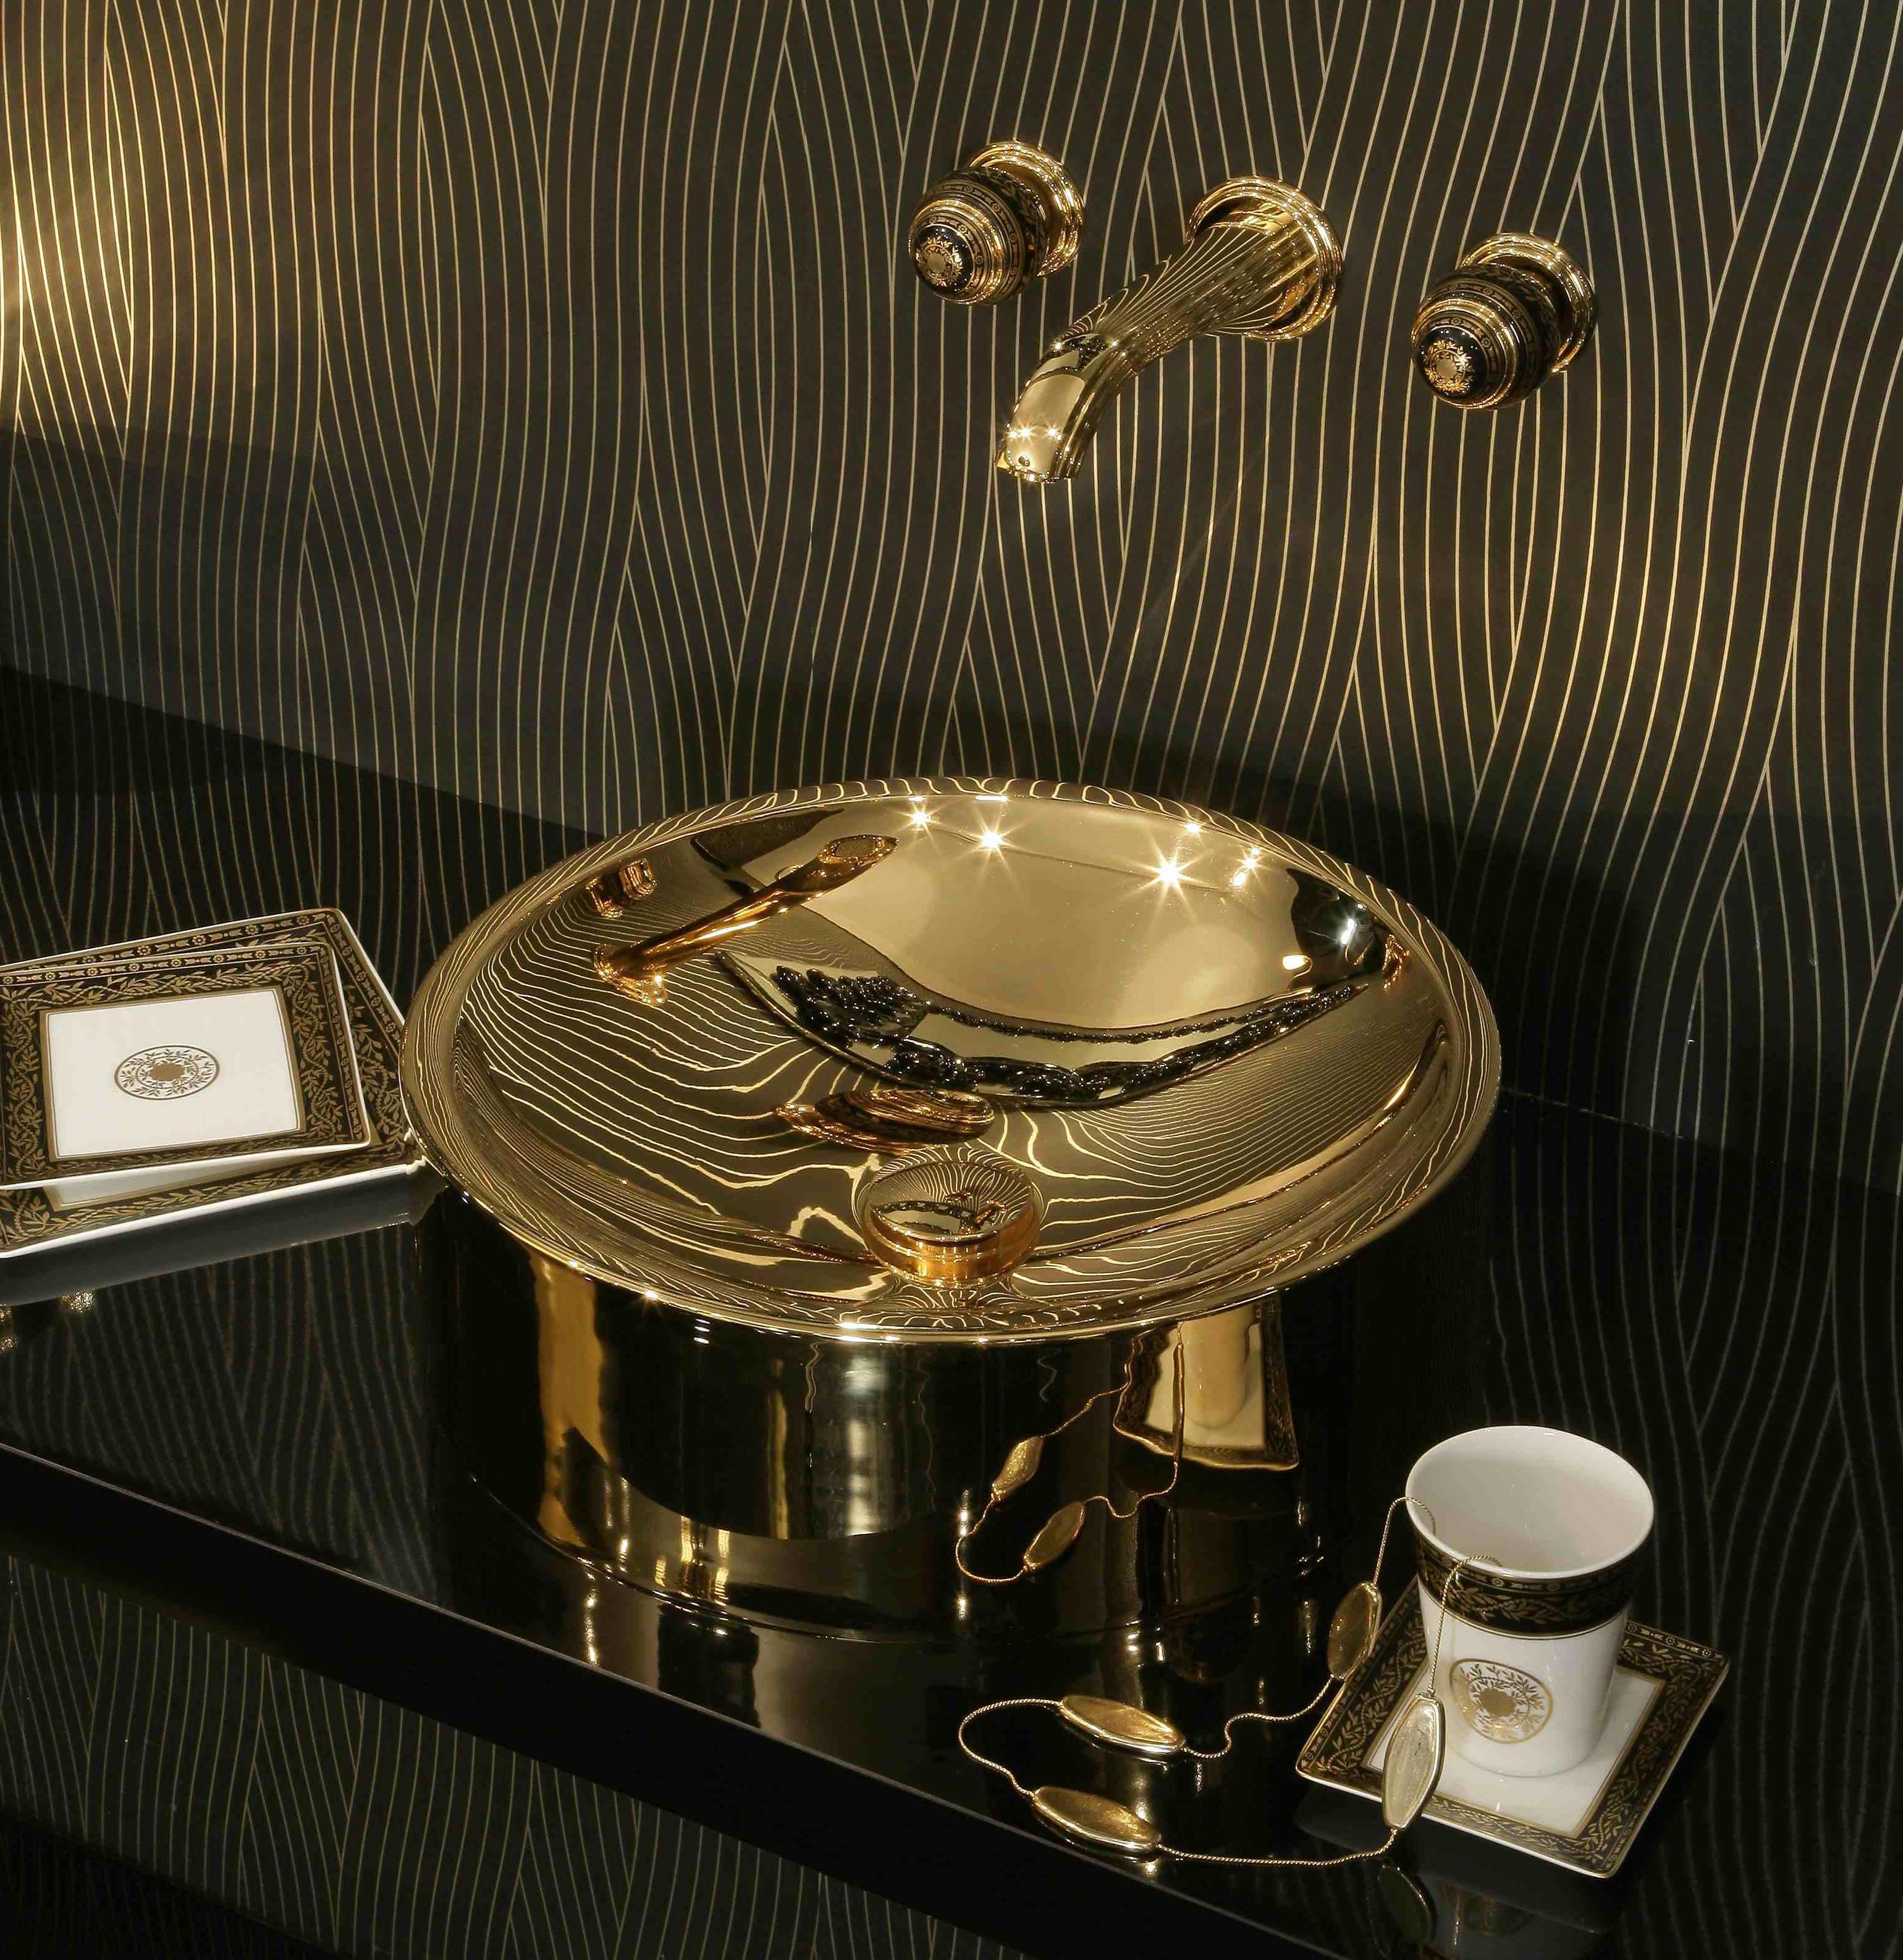 Hochwertige Badeinrichtung für Luxusbäder von THG Paris zeigt der Experte Torsten Müller in der Kirchstrasse 3 A zum Martinimarkt 2017 in Bad Honnef